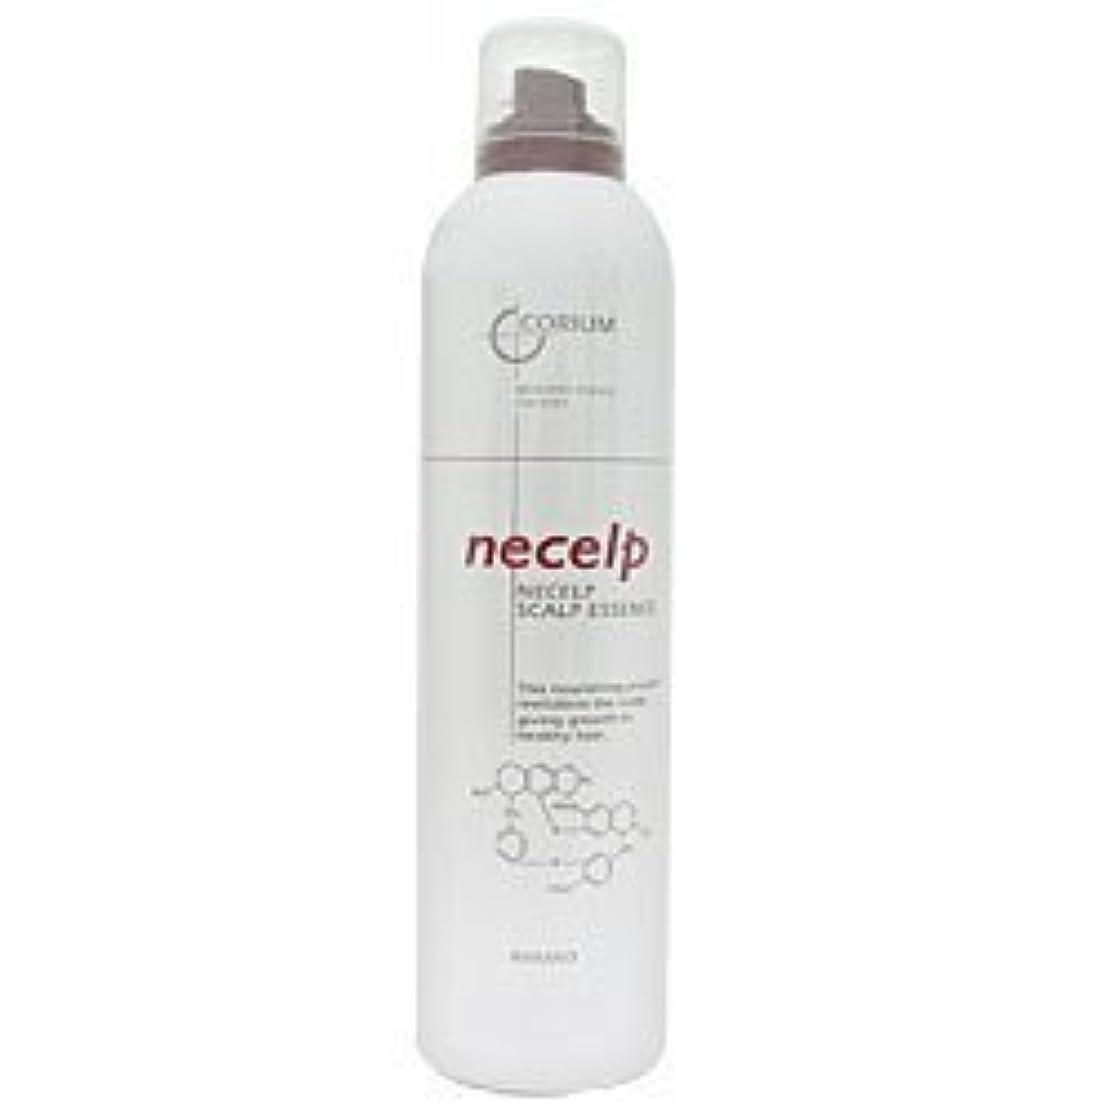 常に皮自分のためにナカノ コリューム ネセルプ スキャルプエッセンス 300g (医薬部外品)